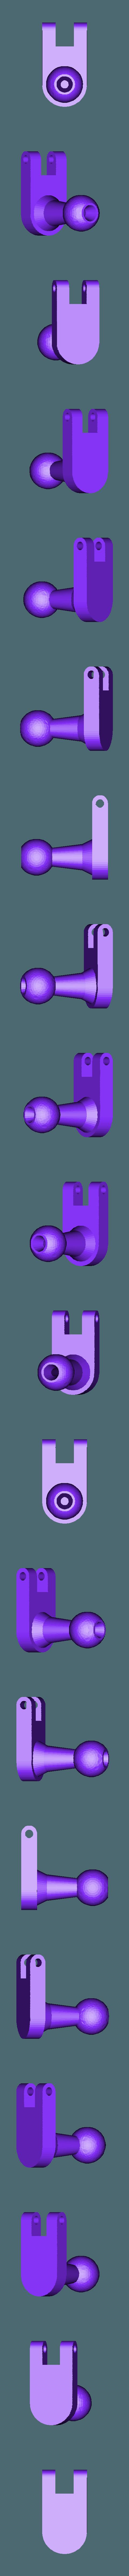 C920_Mount_2_-_v2.stl Download free STL file CR10, Ender Logitech c920, c270, c310, c910 20/20 camera mount system • 3D printing object, FedorSosnin